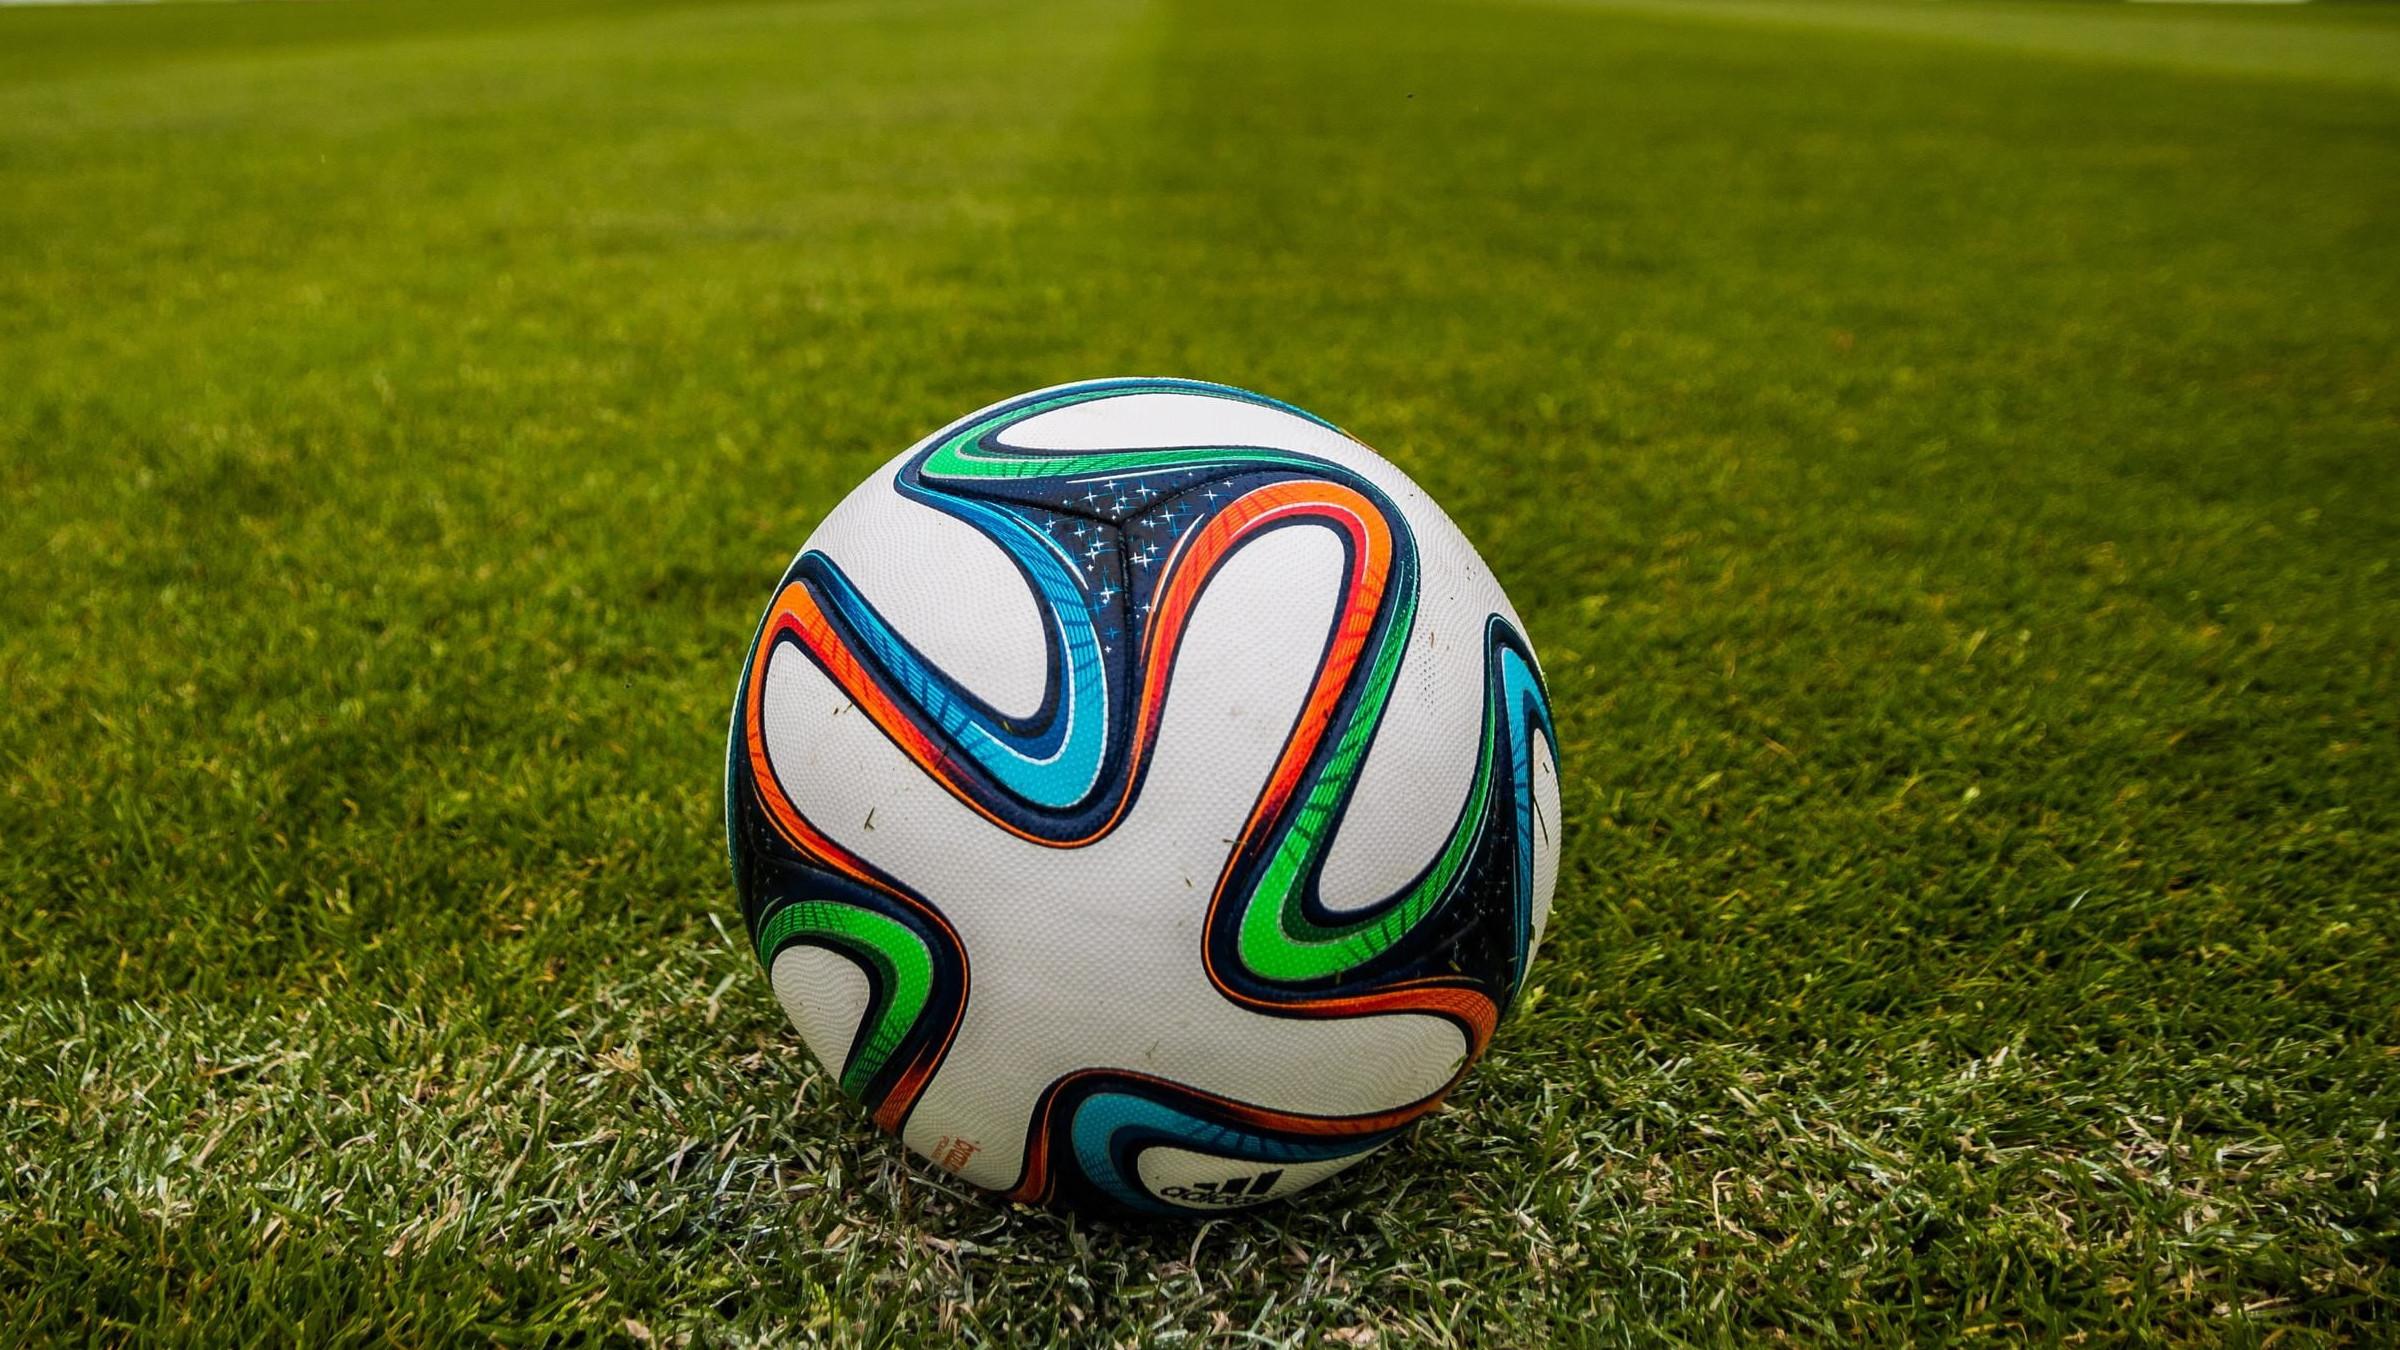 A legfontosabb sporthírei egy helyen - 2020. 11. 19.